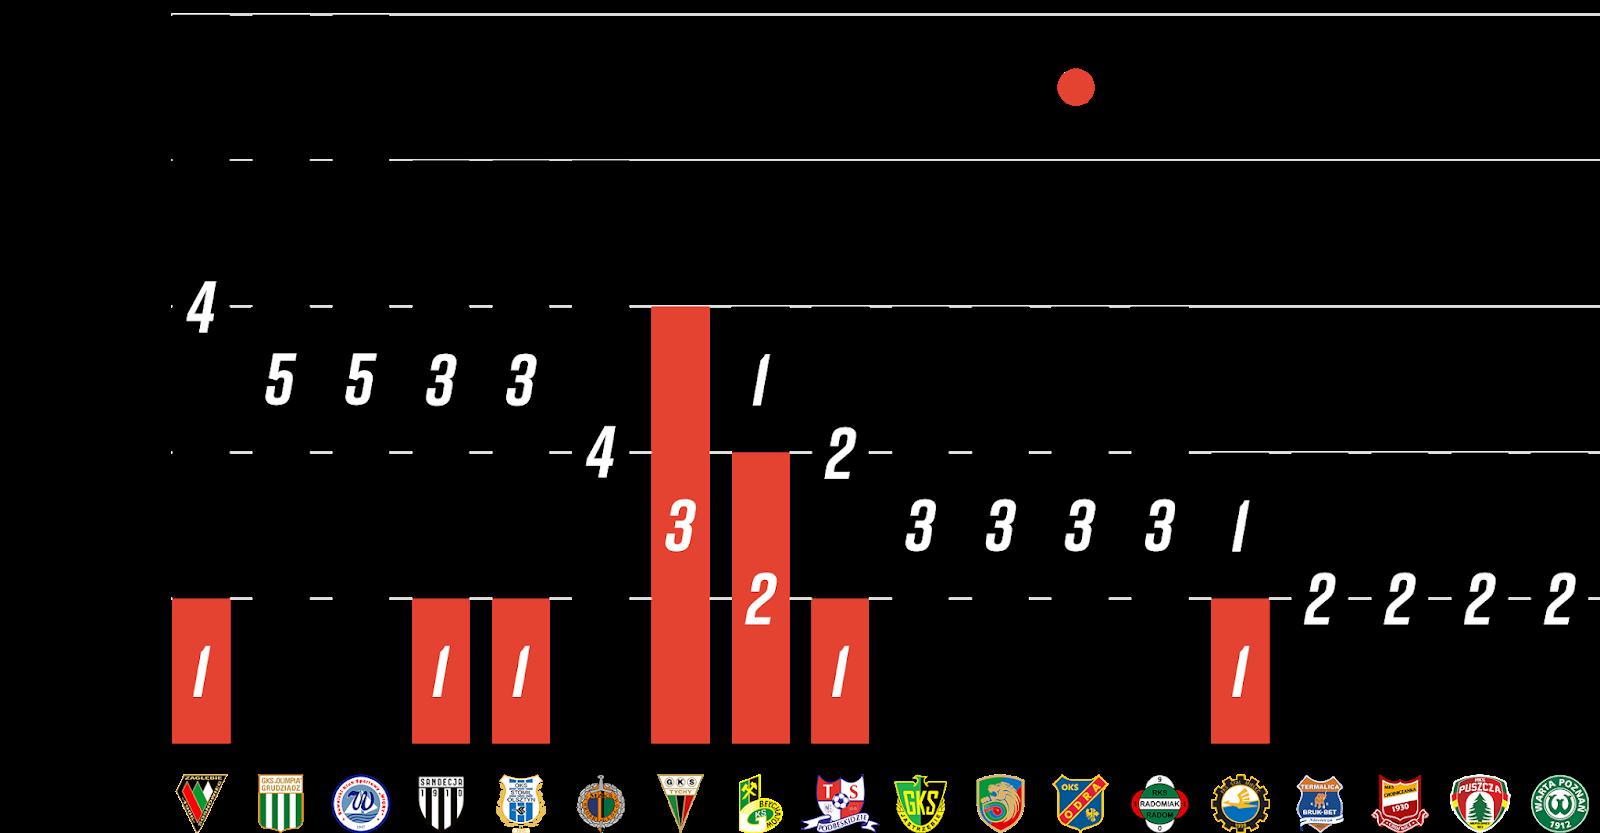 Liczba młodzieżowców w klubach, którzy wystąpili w pierwszych pięciu kolejkach Fortuna 1 Ligi<br><br>Źródło: Opracowanie własne na podstawie 90minut.pl<br><br>graf. Bartosz Urban